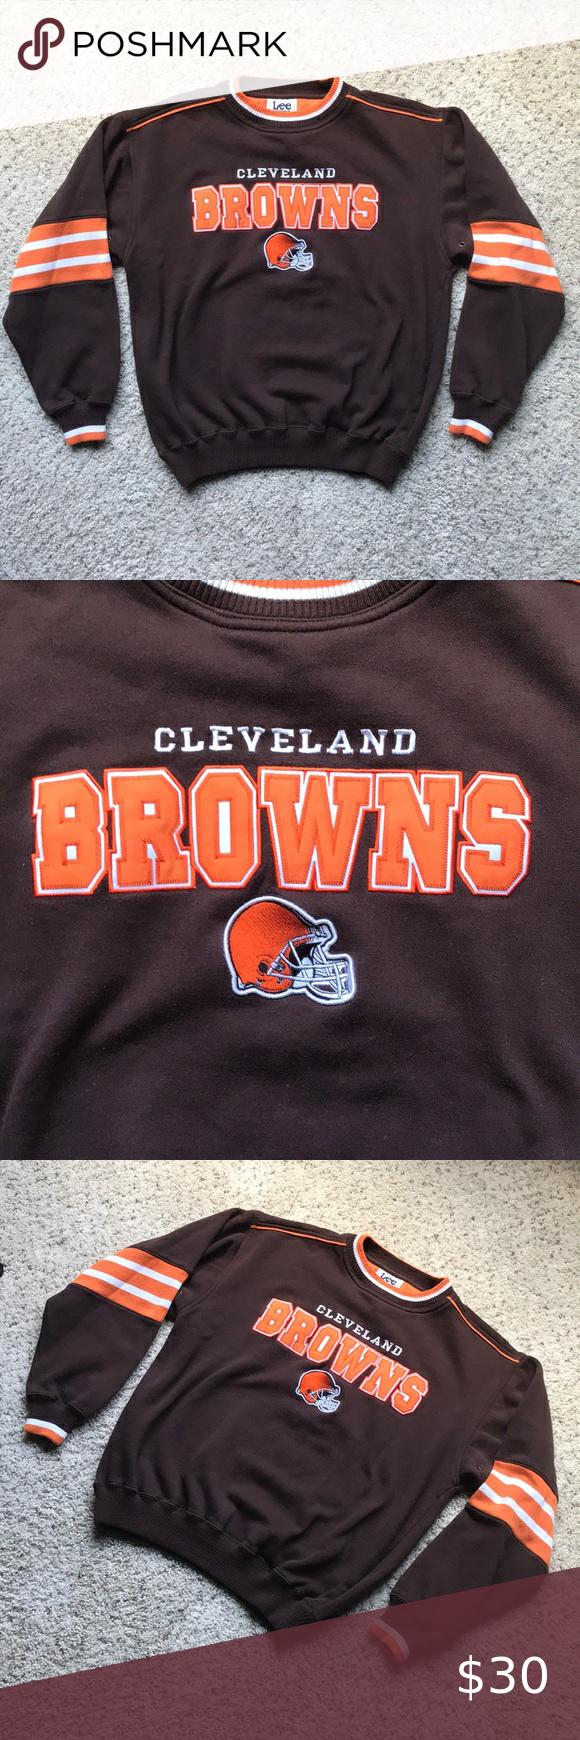 Cleveland Browns Sweatshirt Cleveland Browns Sweatshirt Brown Sweatshirt Sweatshirts [ 1740 x 580 Pixel ]